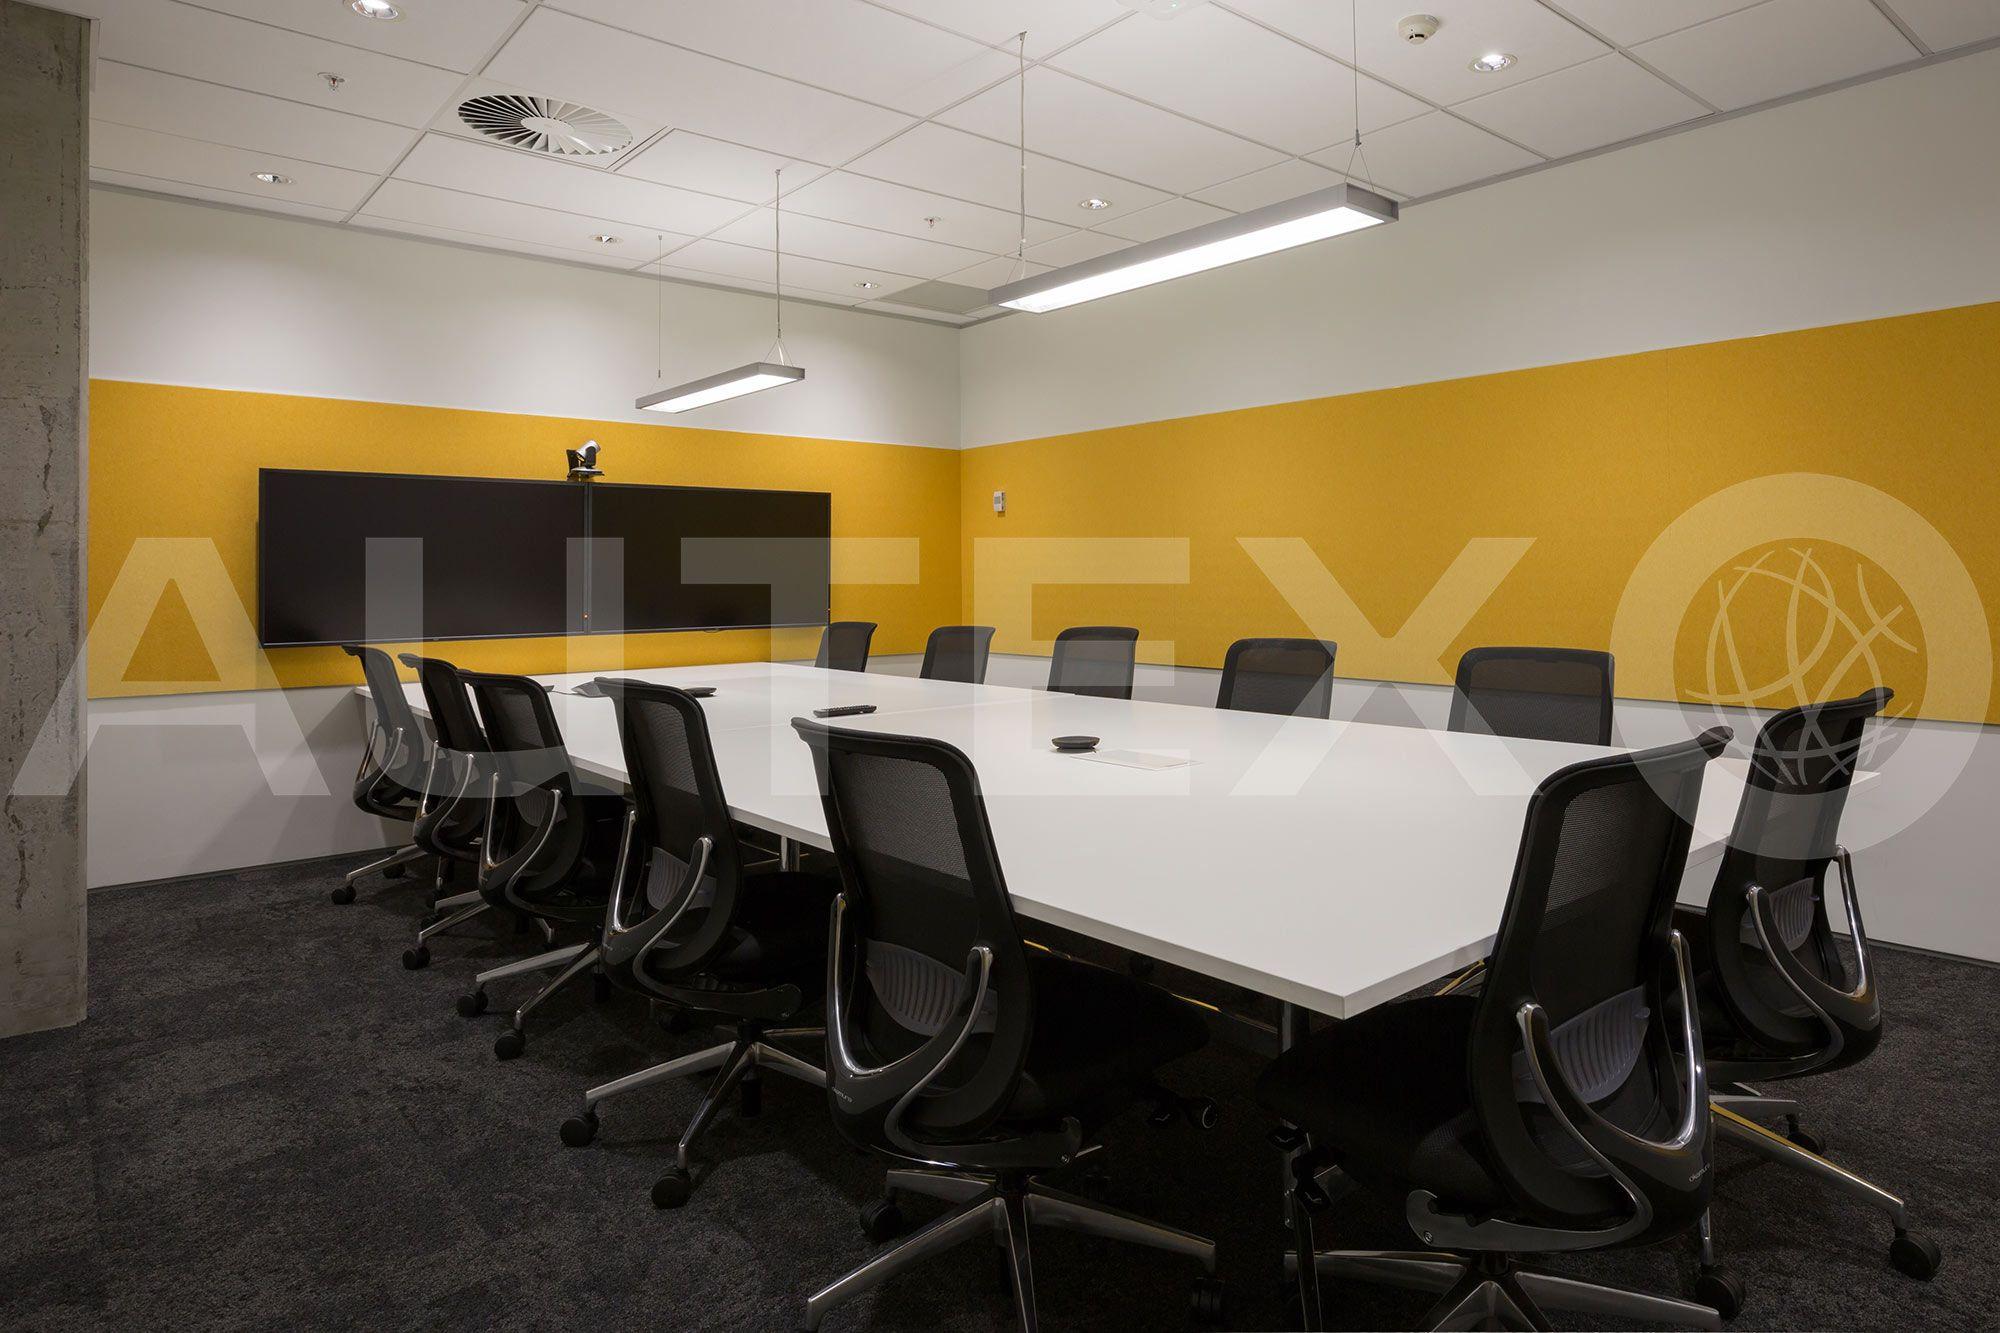 Phone room office space photos custom spaces - Office Spaces Autex Acoustics Cube Fairfax Media Wellington Nz Custom Booth